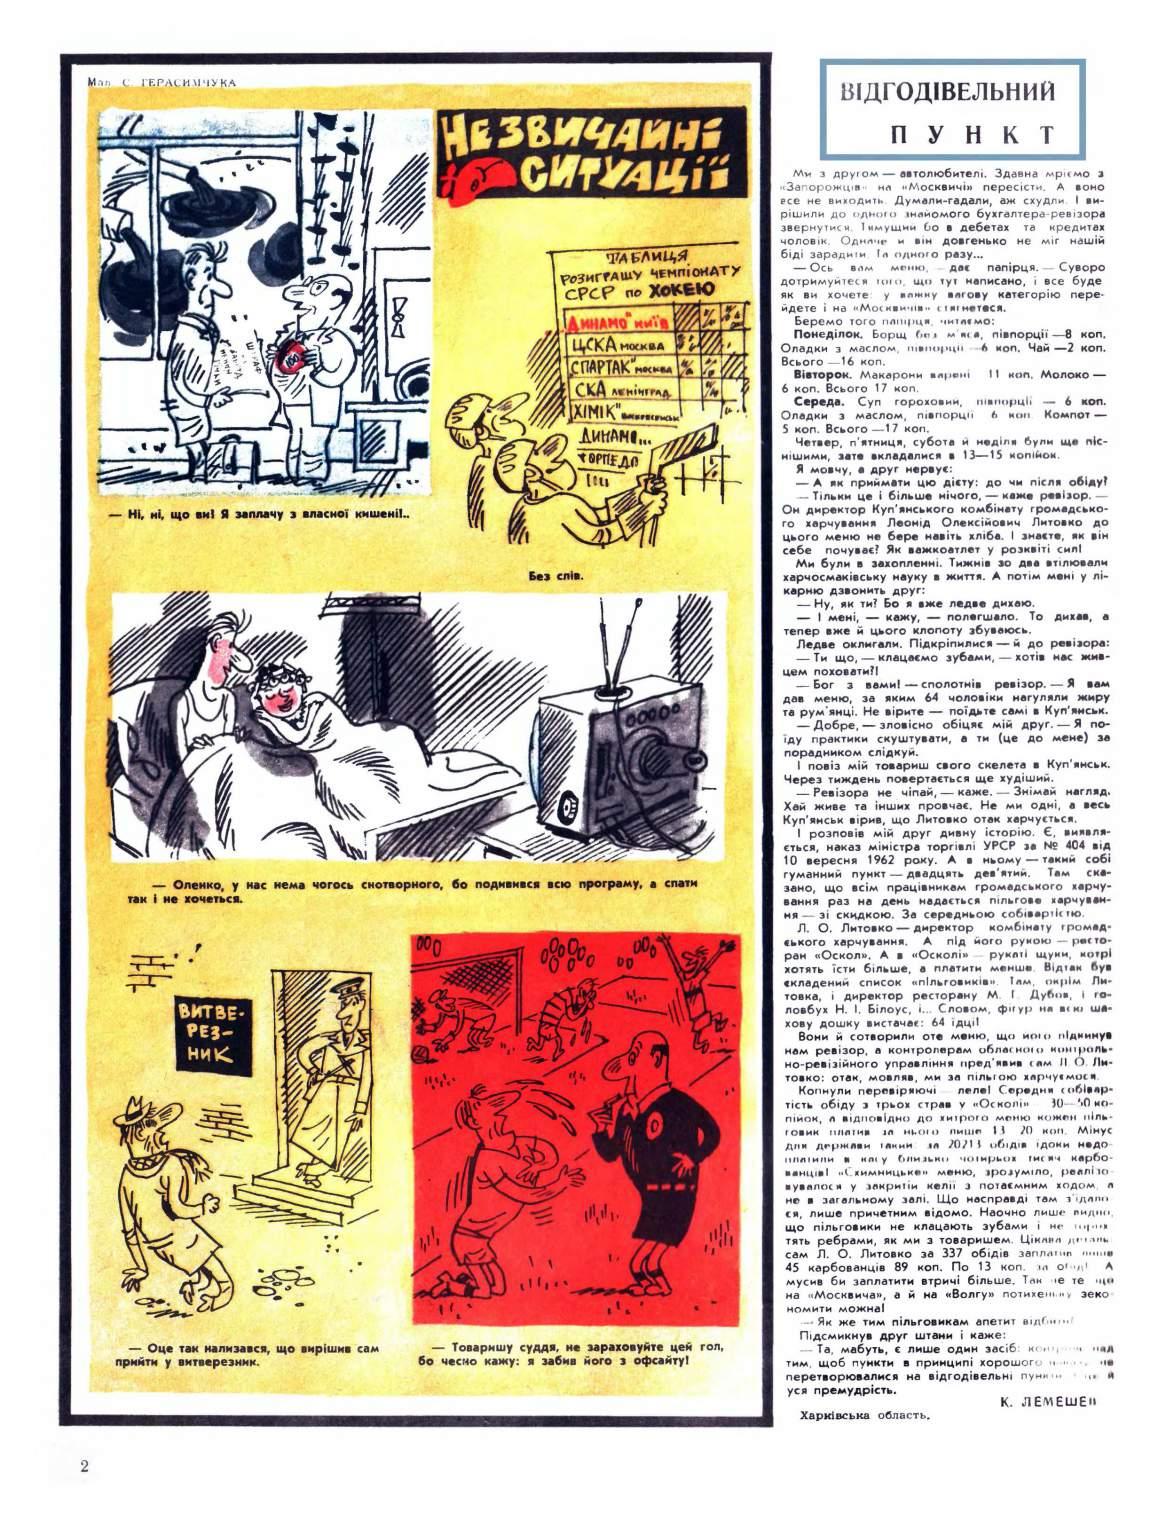 Журнал перець 1969 №23